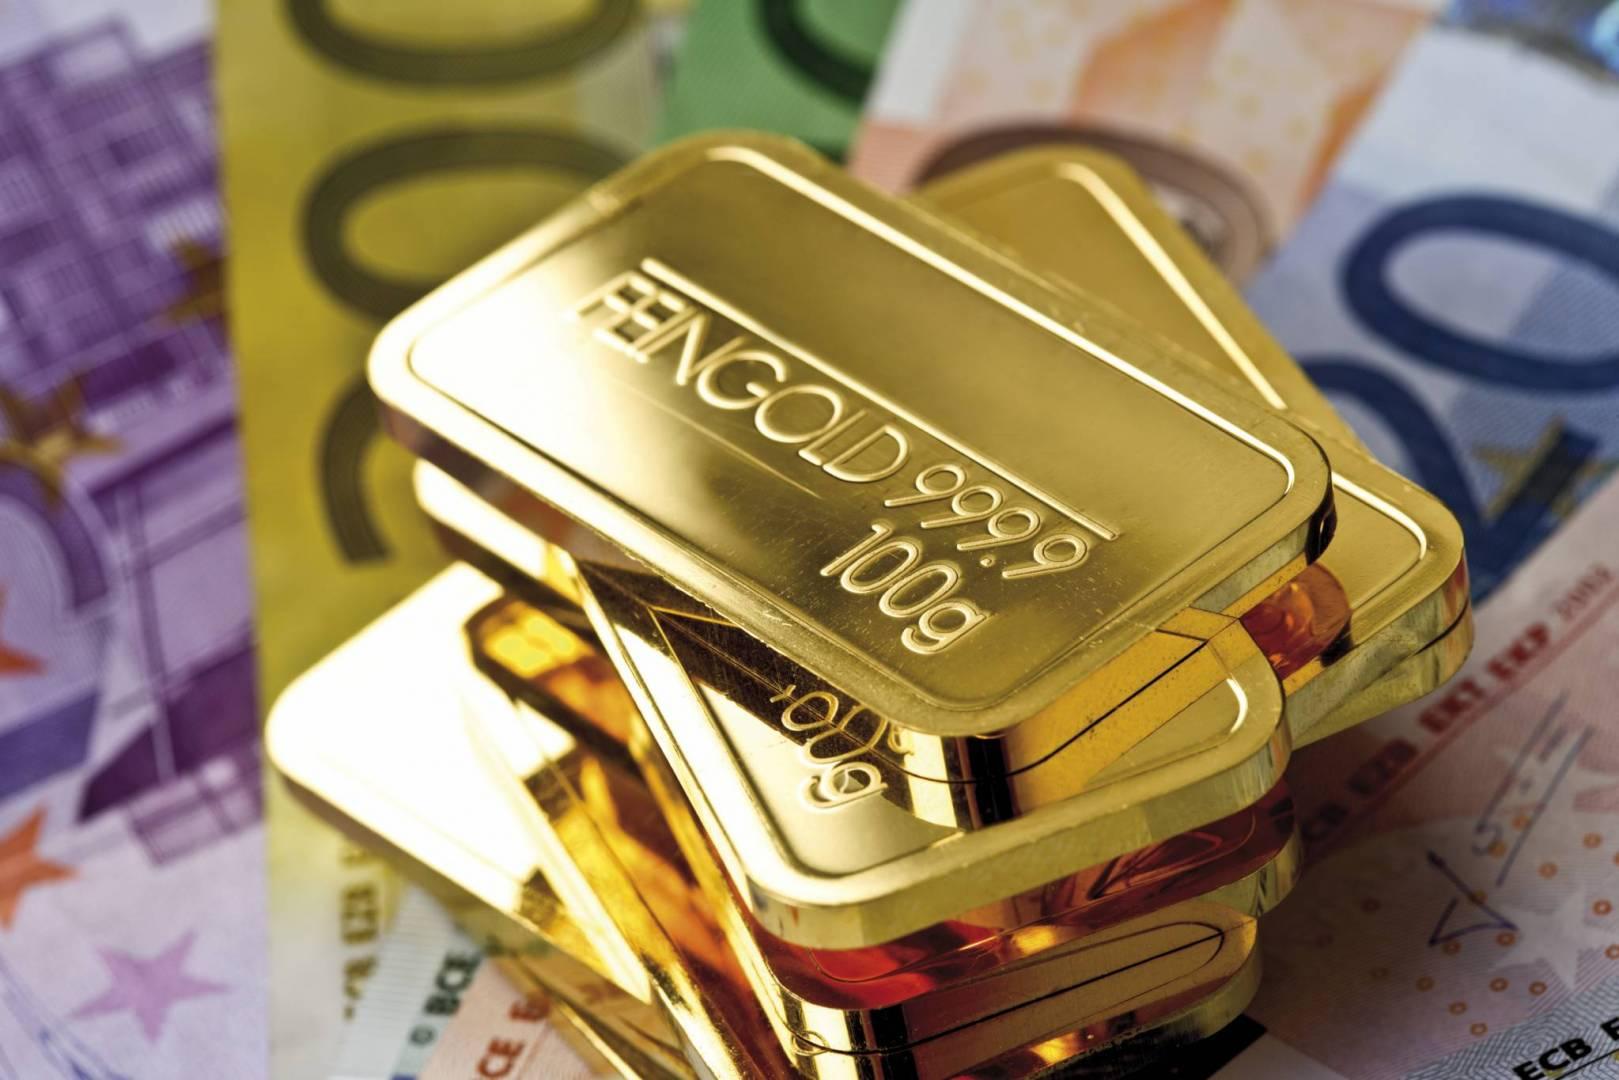 الذهب مستقر مع ترقب الأسواق محادثات التجارة والخروج البريطاني